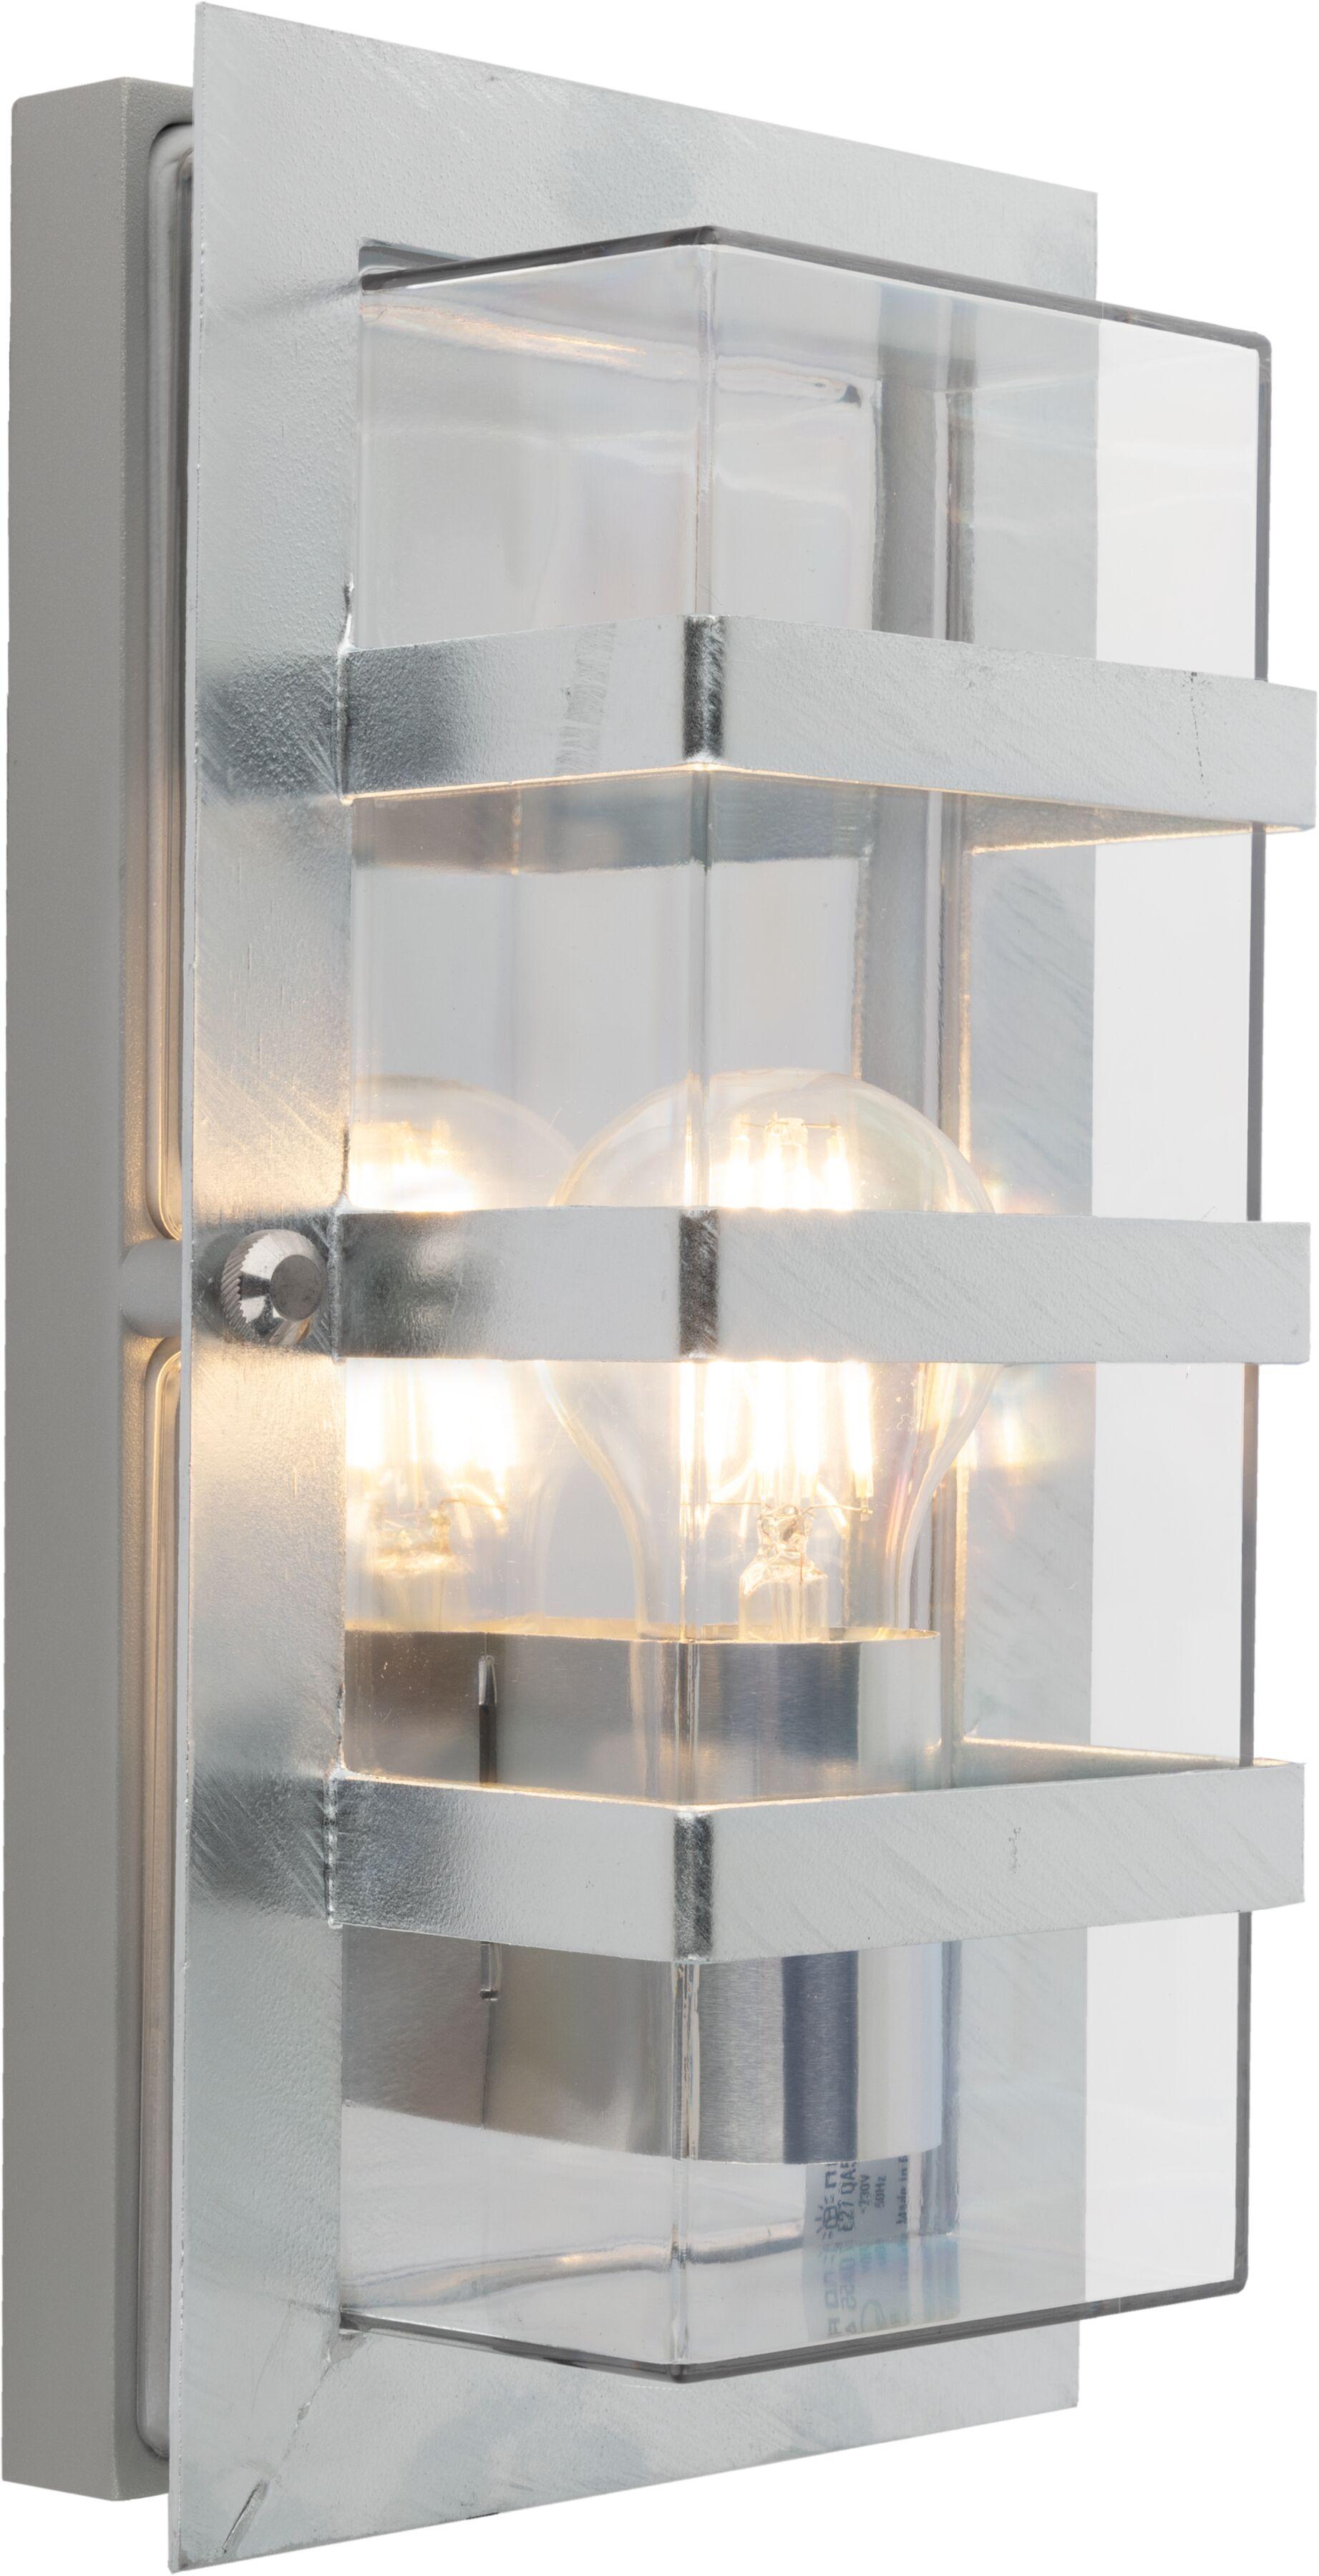 Kinkiet BODEN 5109 GALVANIZED LED - Norlys  Sprawdź kupony i rabaty w koszyku  Zamów tel  533-810-034